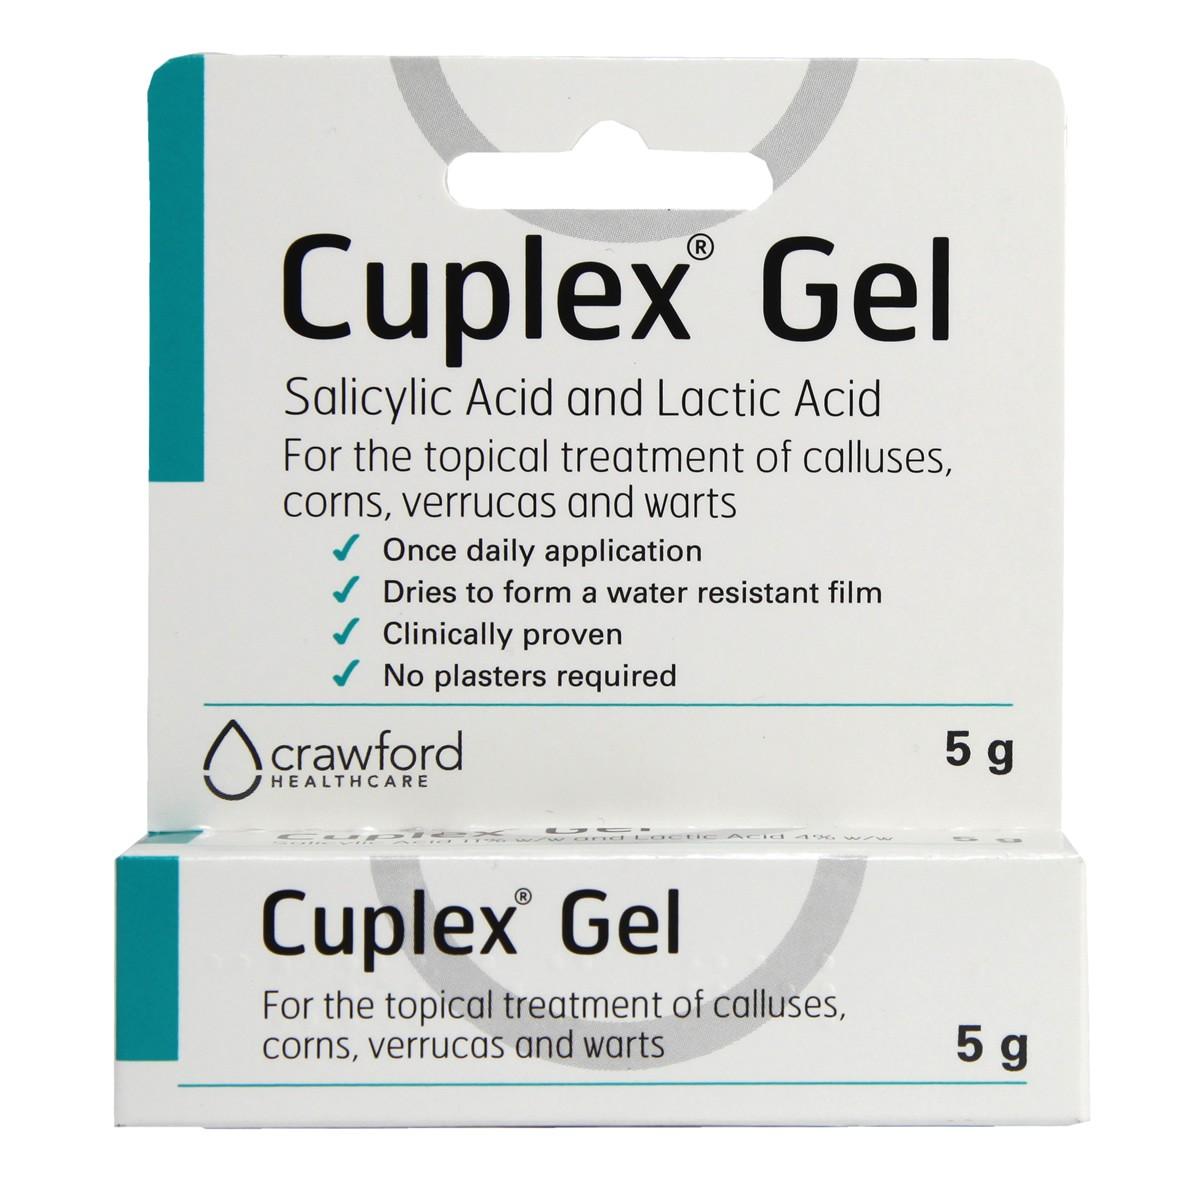 Cuplex Gel